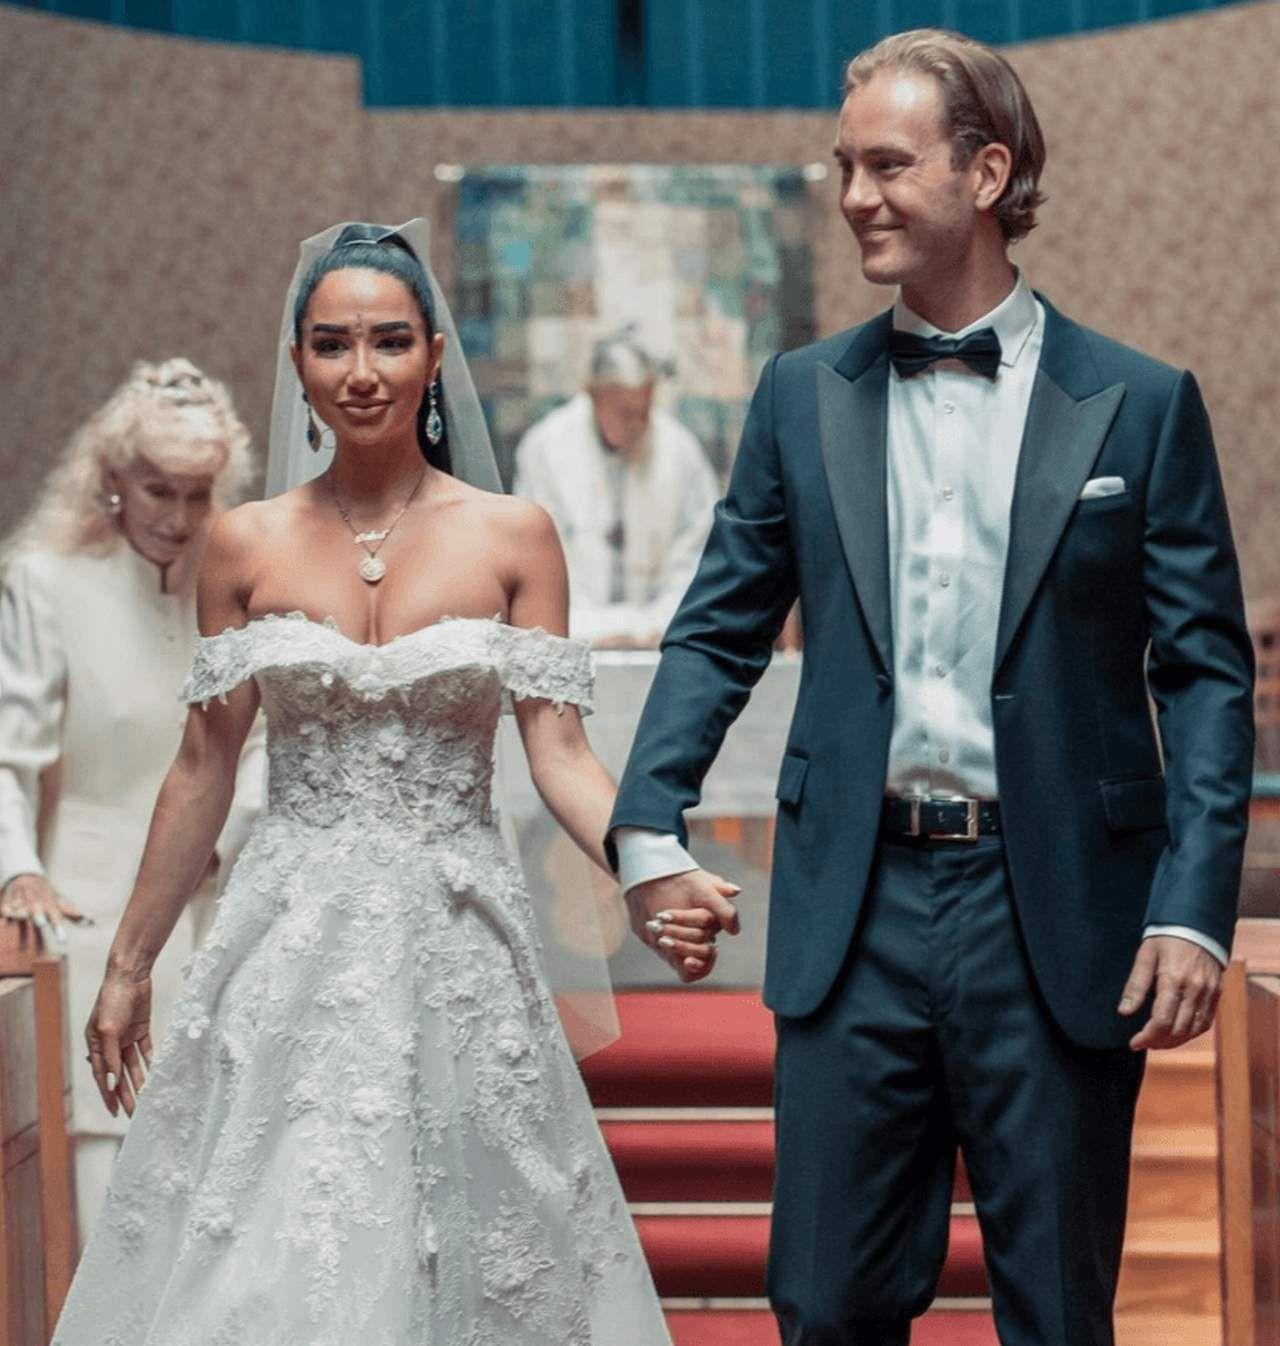 Clubhouse'da tanıştılar, Clubhouse'da evlendiler - Resim: 1